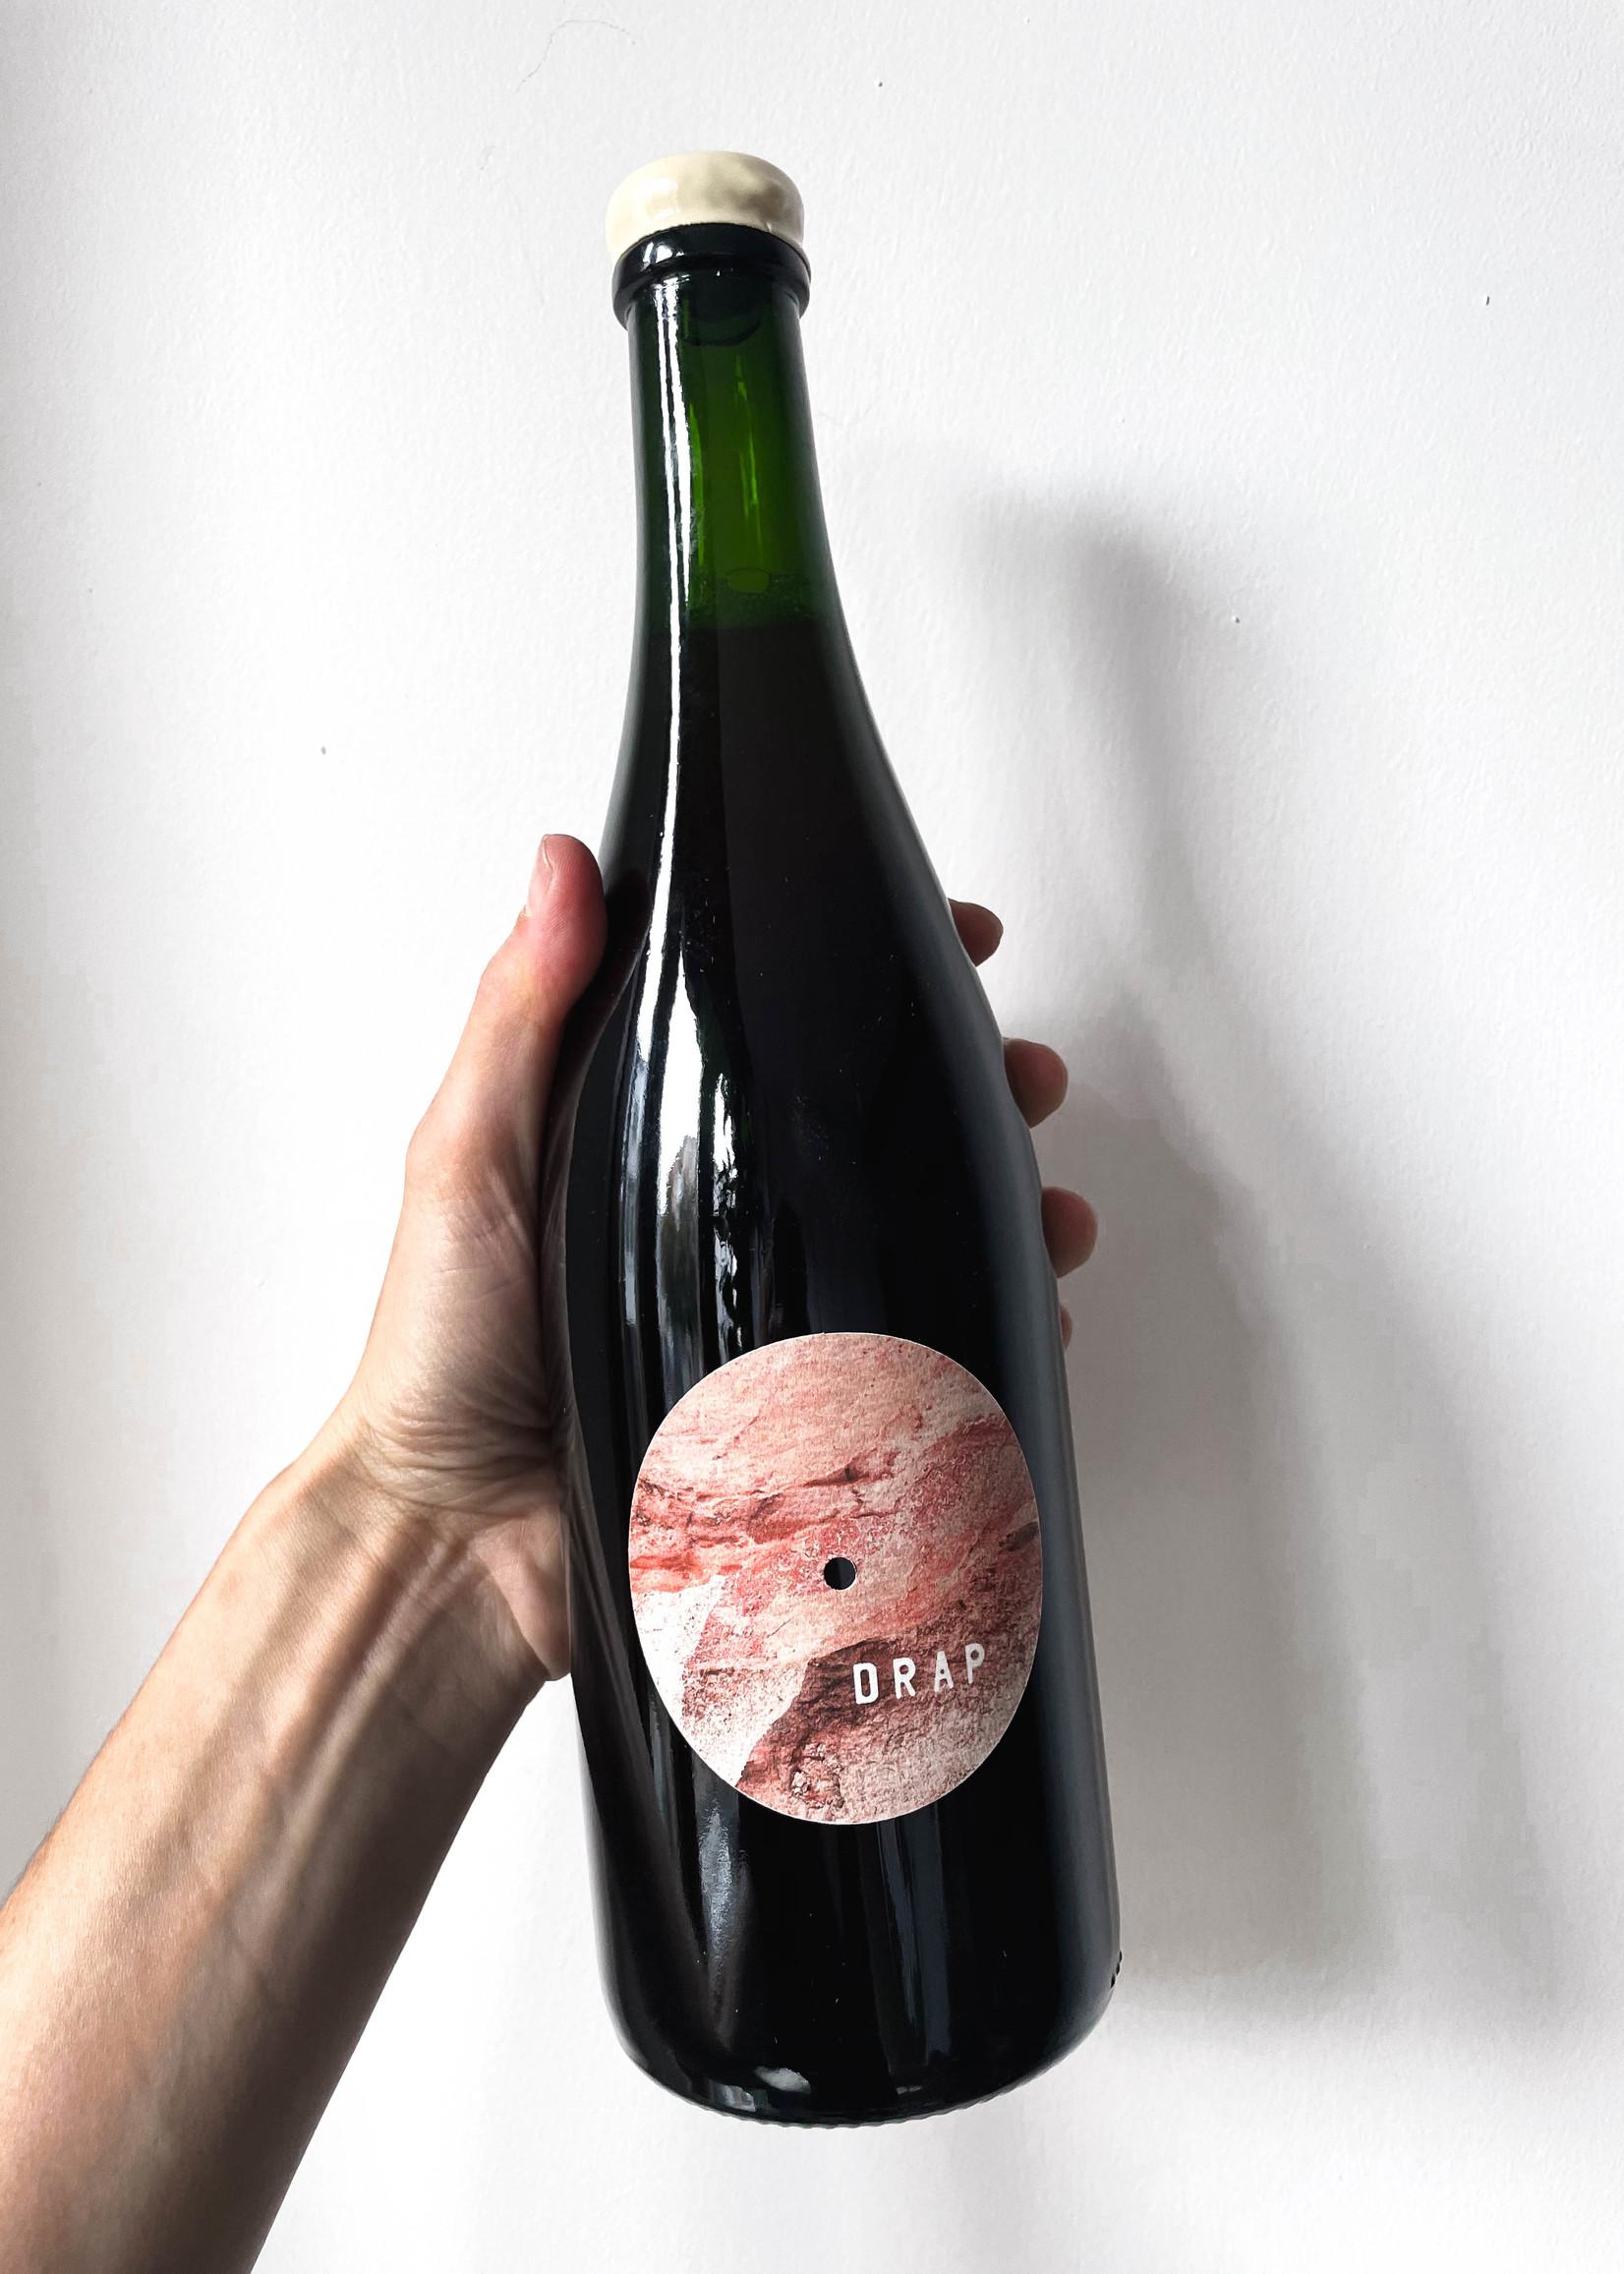 Wijndomein Drap Drap Pinot Gris - Wijndomein Drap